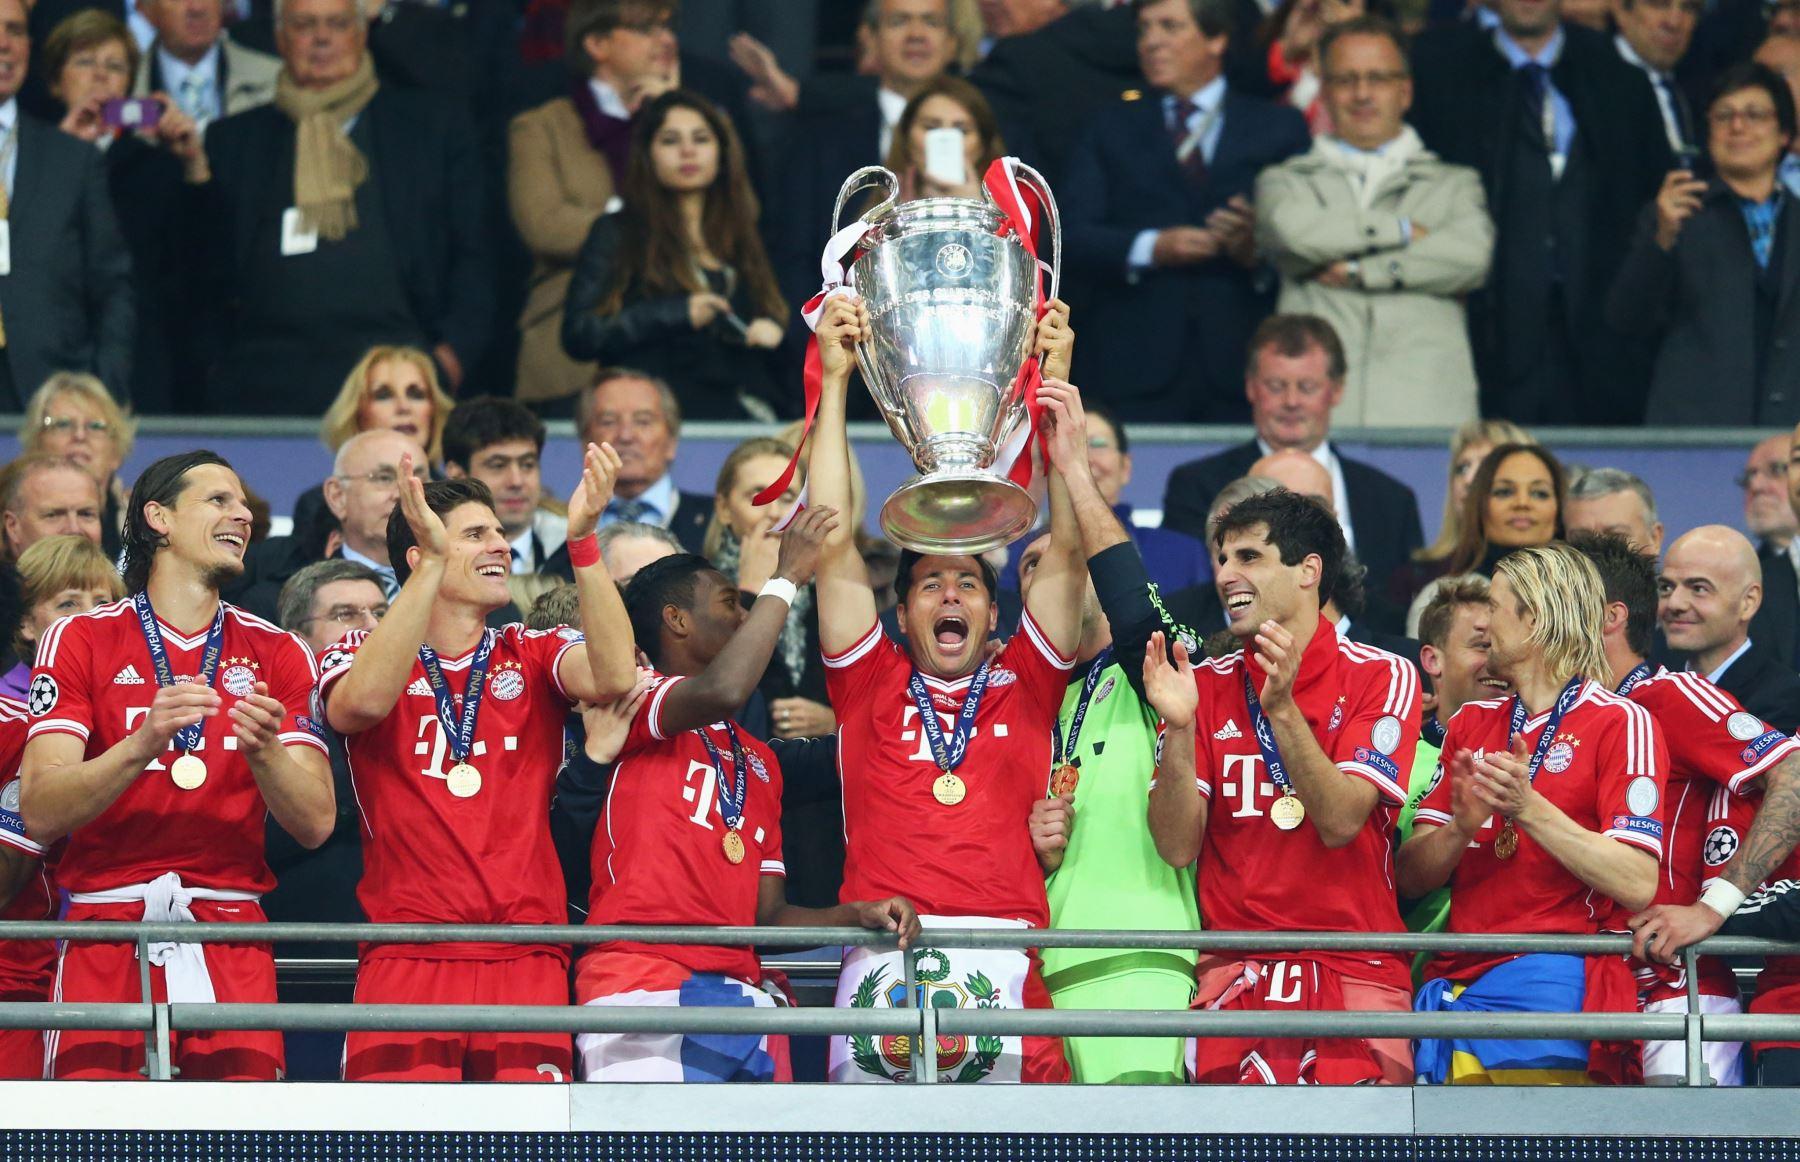 Pizarro levanta el trofeo de la Liga e Campeones, certamen que ganó con el Bayern Múnich en la temporada 2003